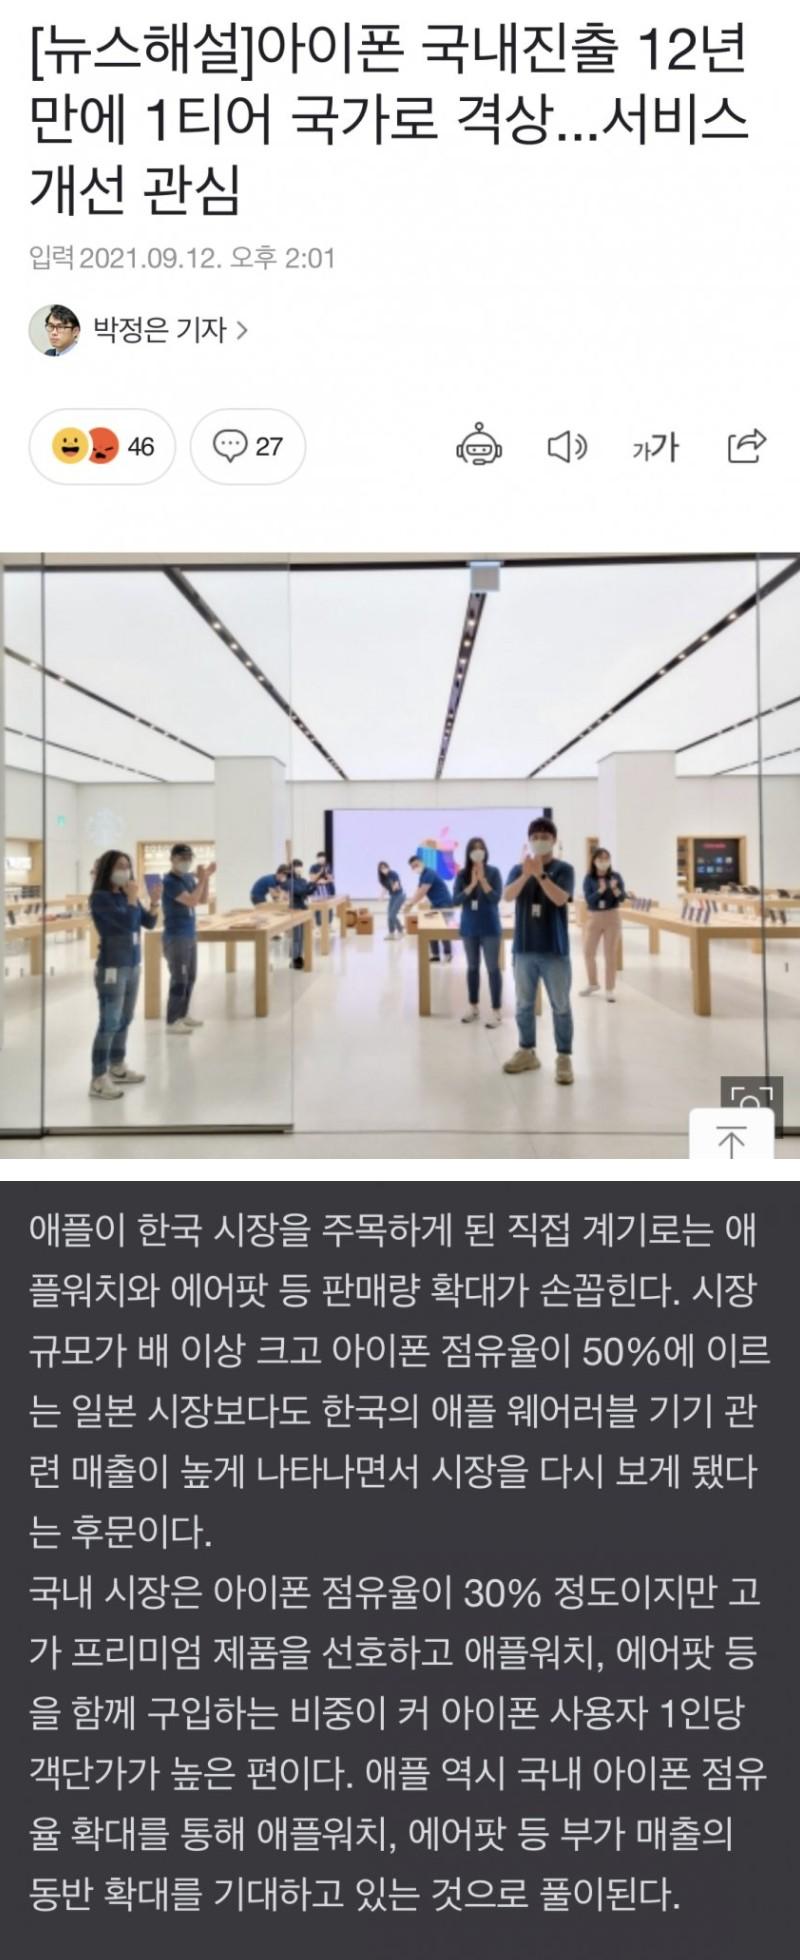 [유머] 한국을 1티어 국가로 격상시킨 회사 -  와이드섬